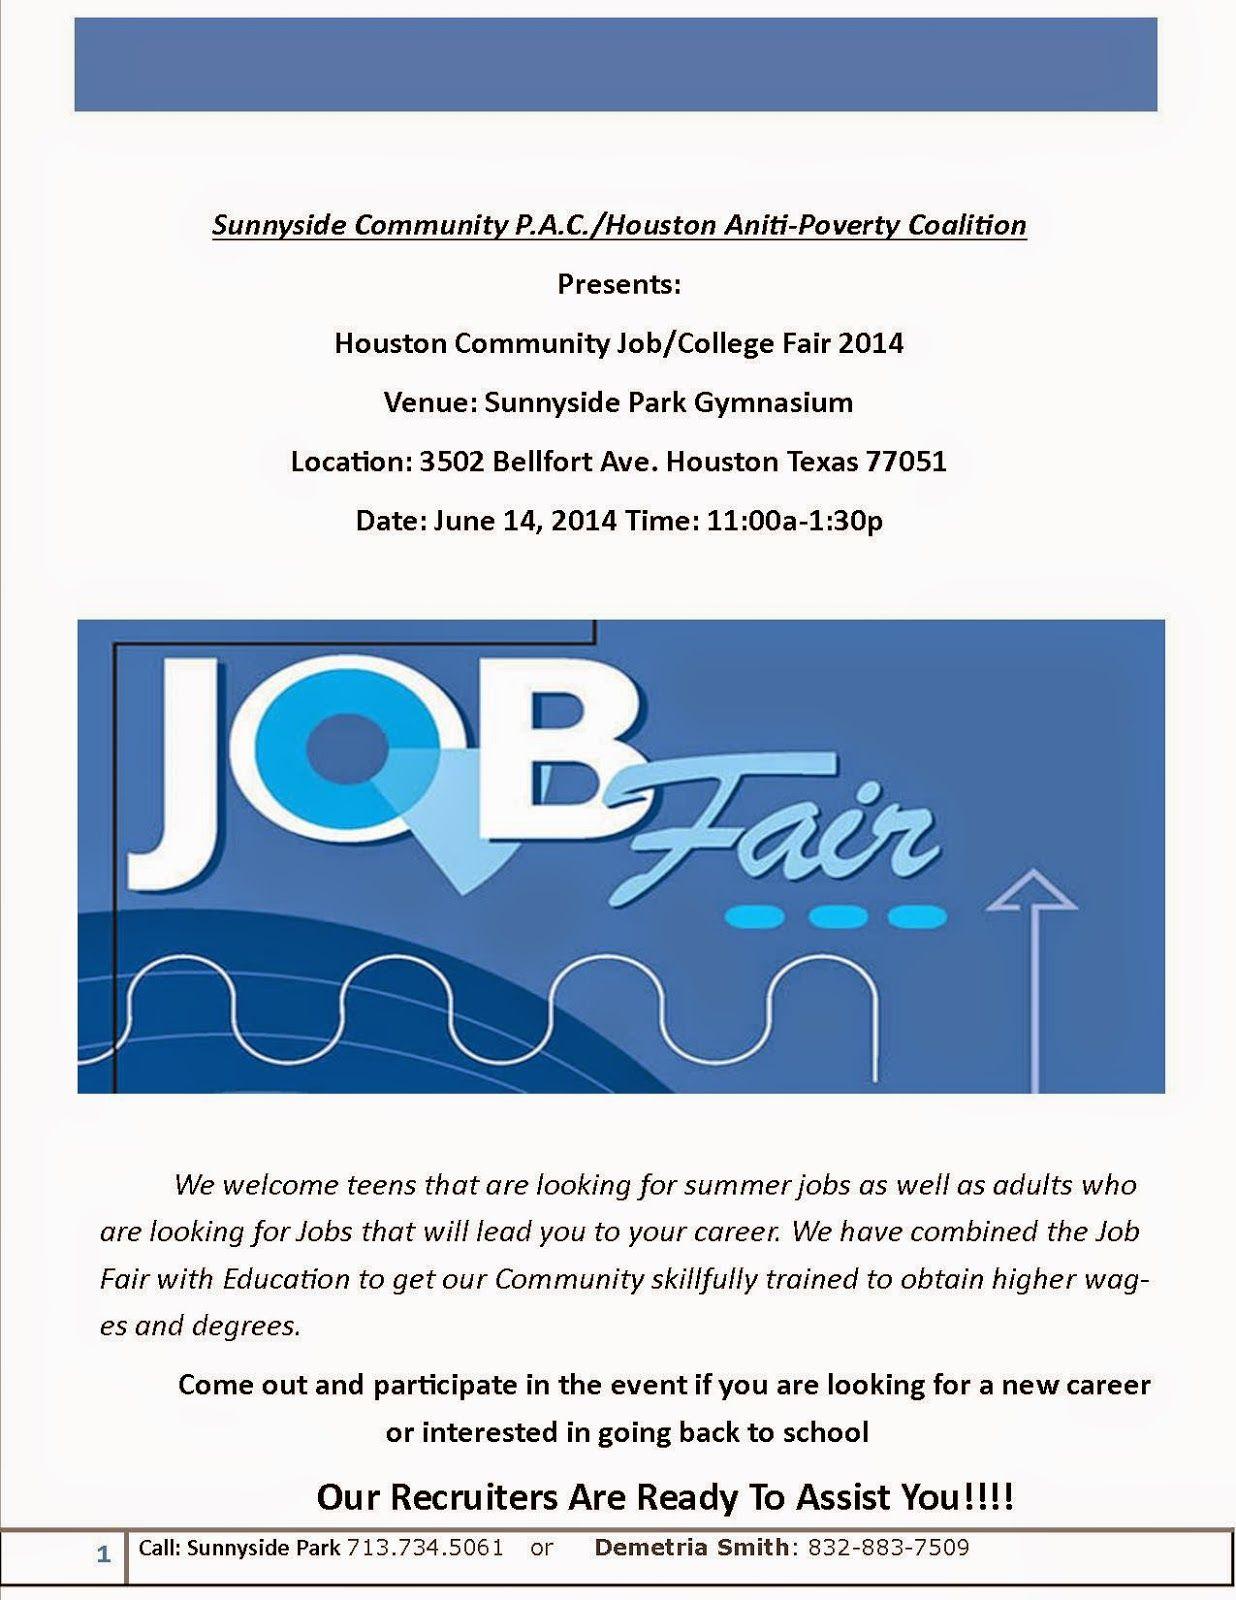 Houston District D Houston Community Job/ College Fair